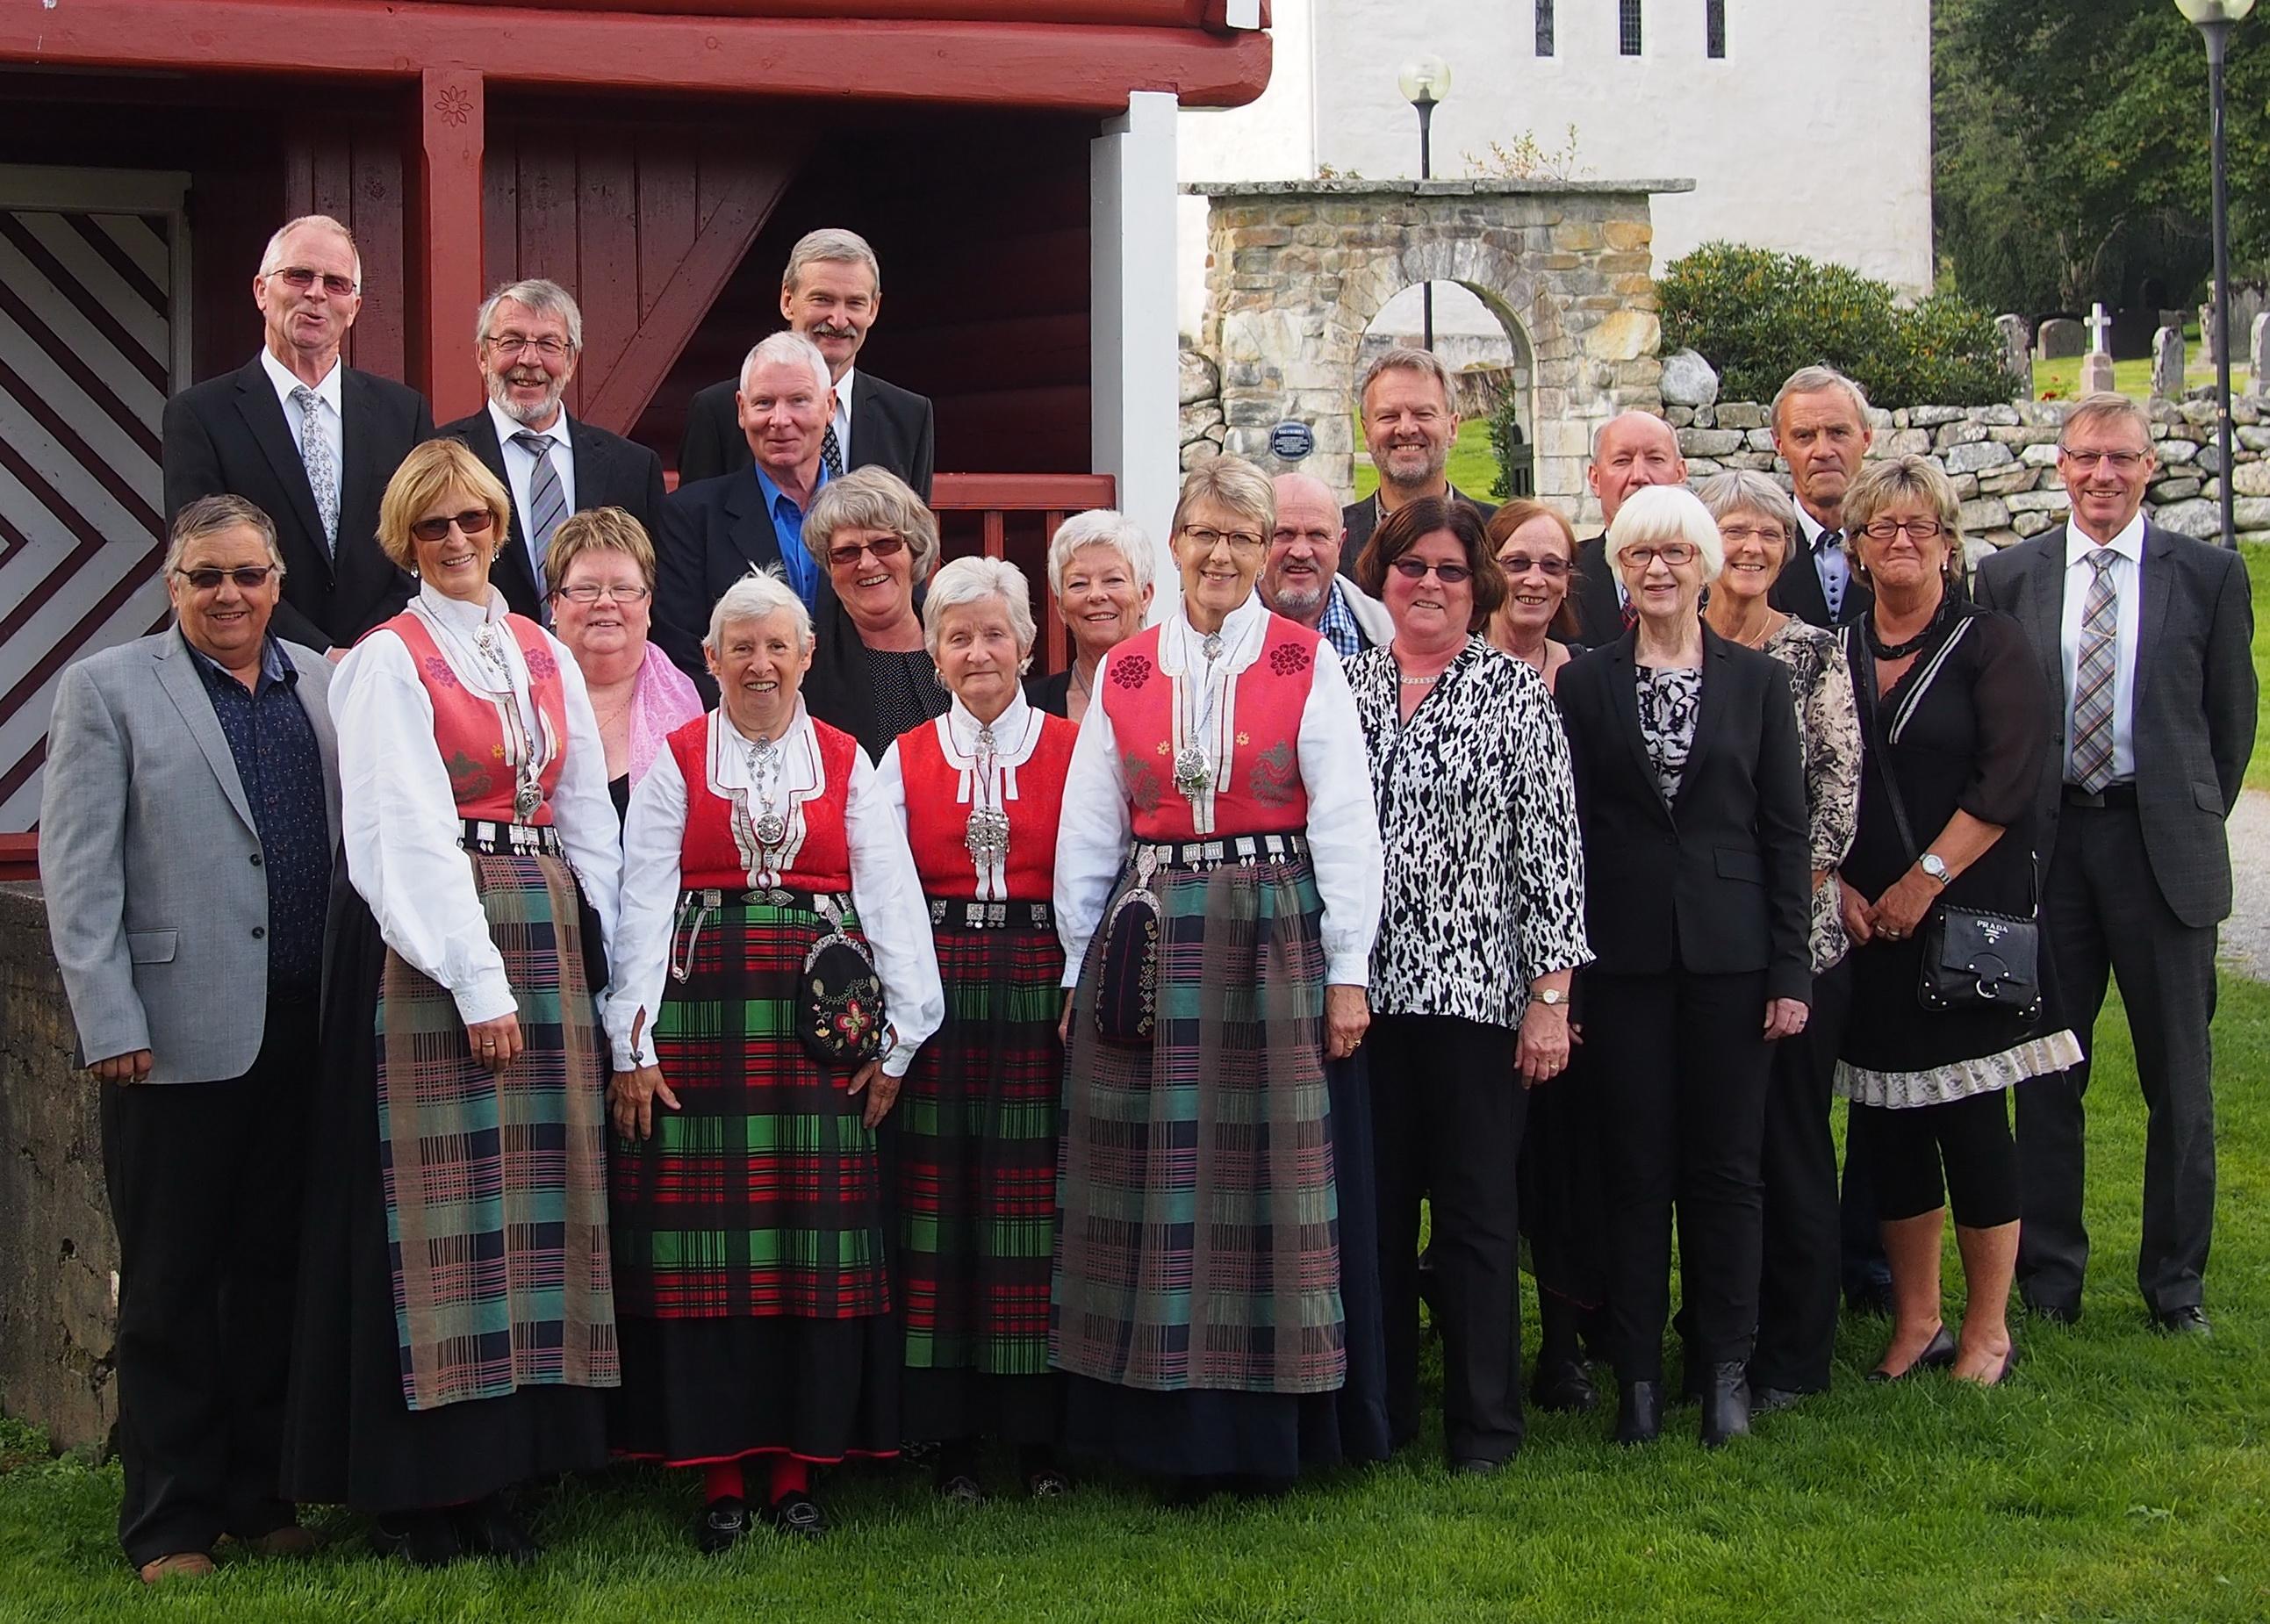 2014-09-14 50-års konfirmante påTingvoll